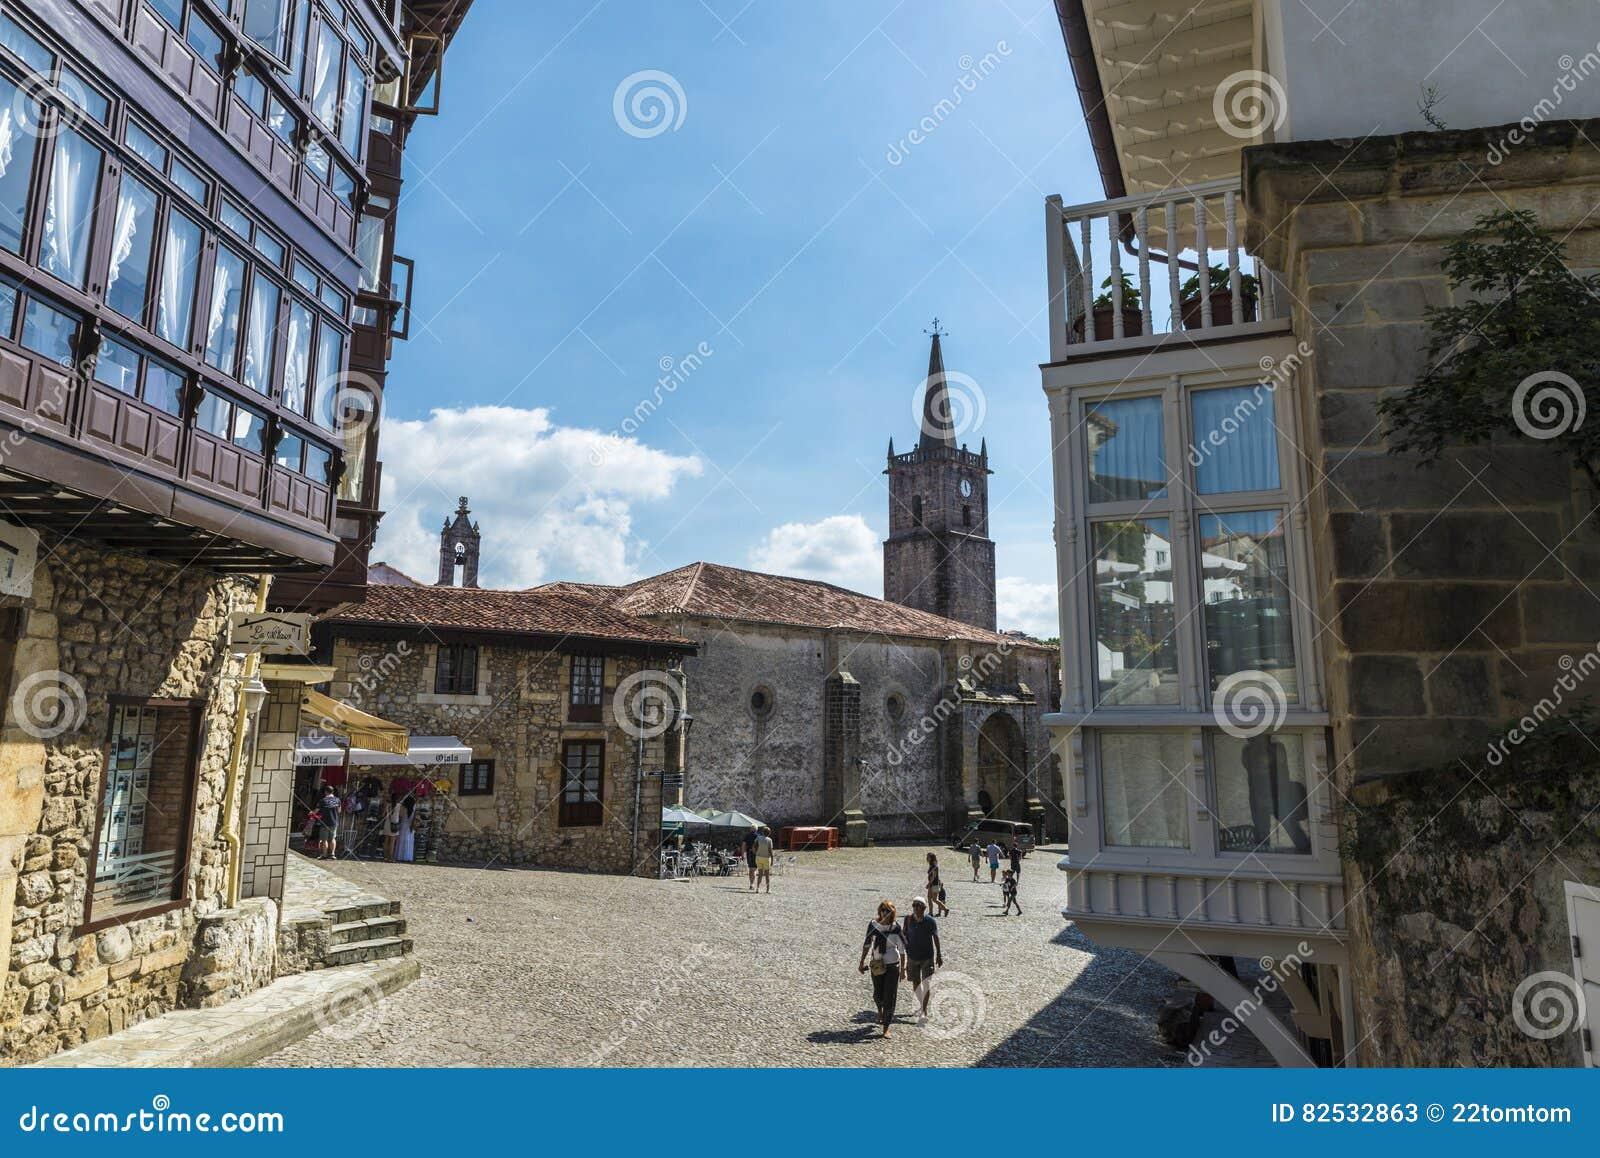 Calle del pueblo medieval de comillas en espa a foto de for Oficina de turismo de comillas